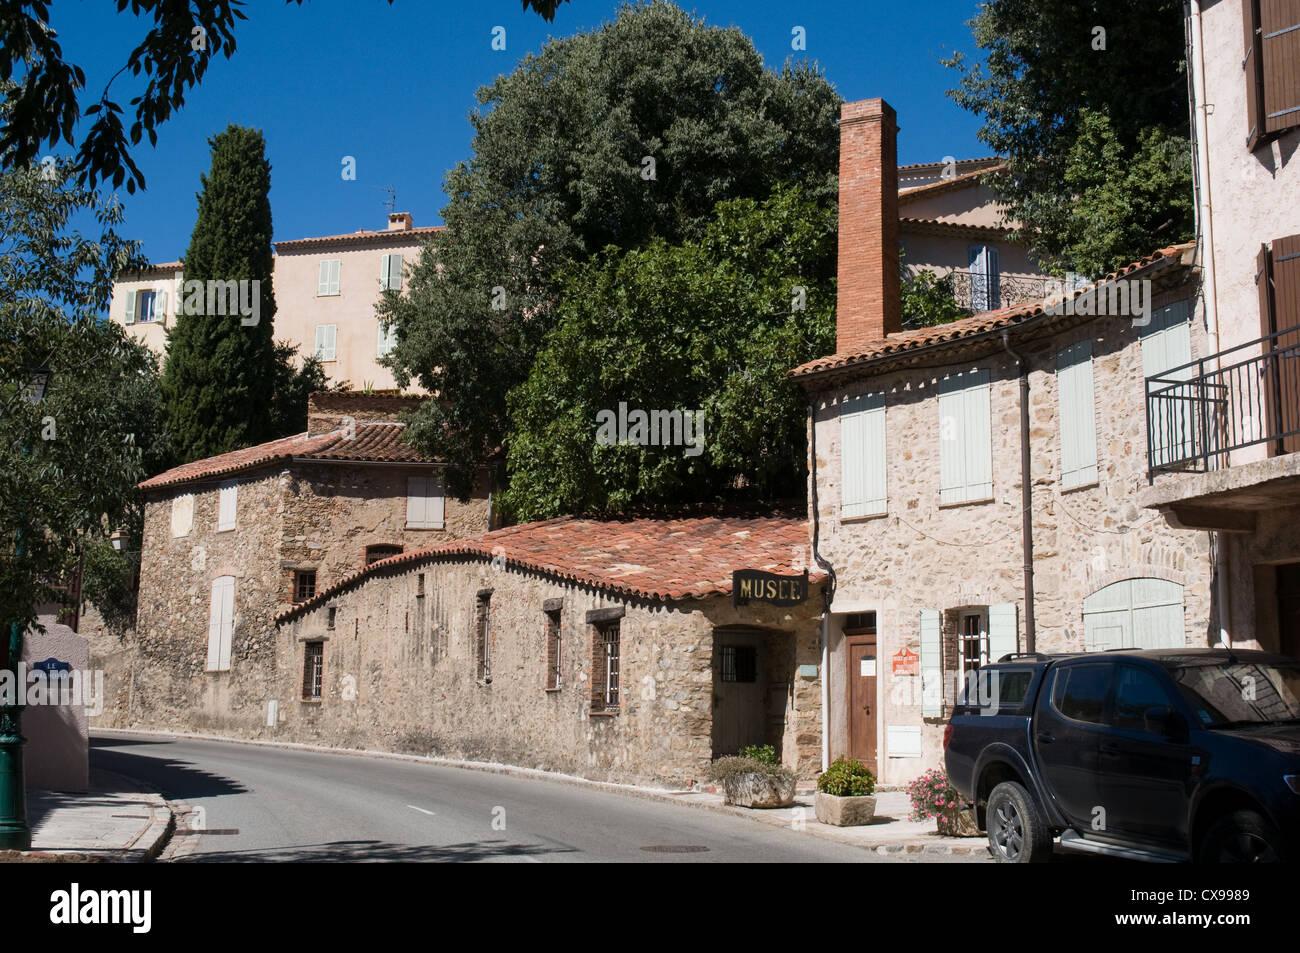 Il Musée des Arts et le tradizioni populaires nel borgo collinare di Grimaud situato nel sud della Francia Immagini Stock